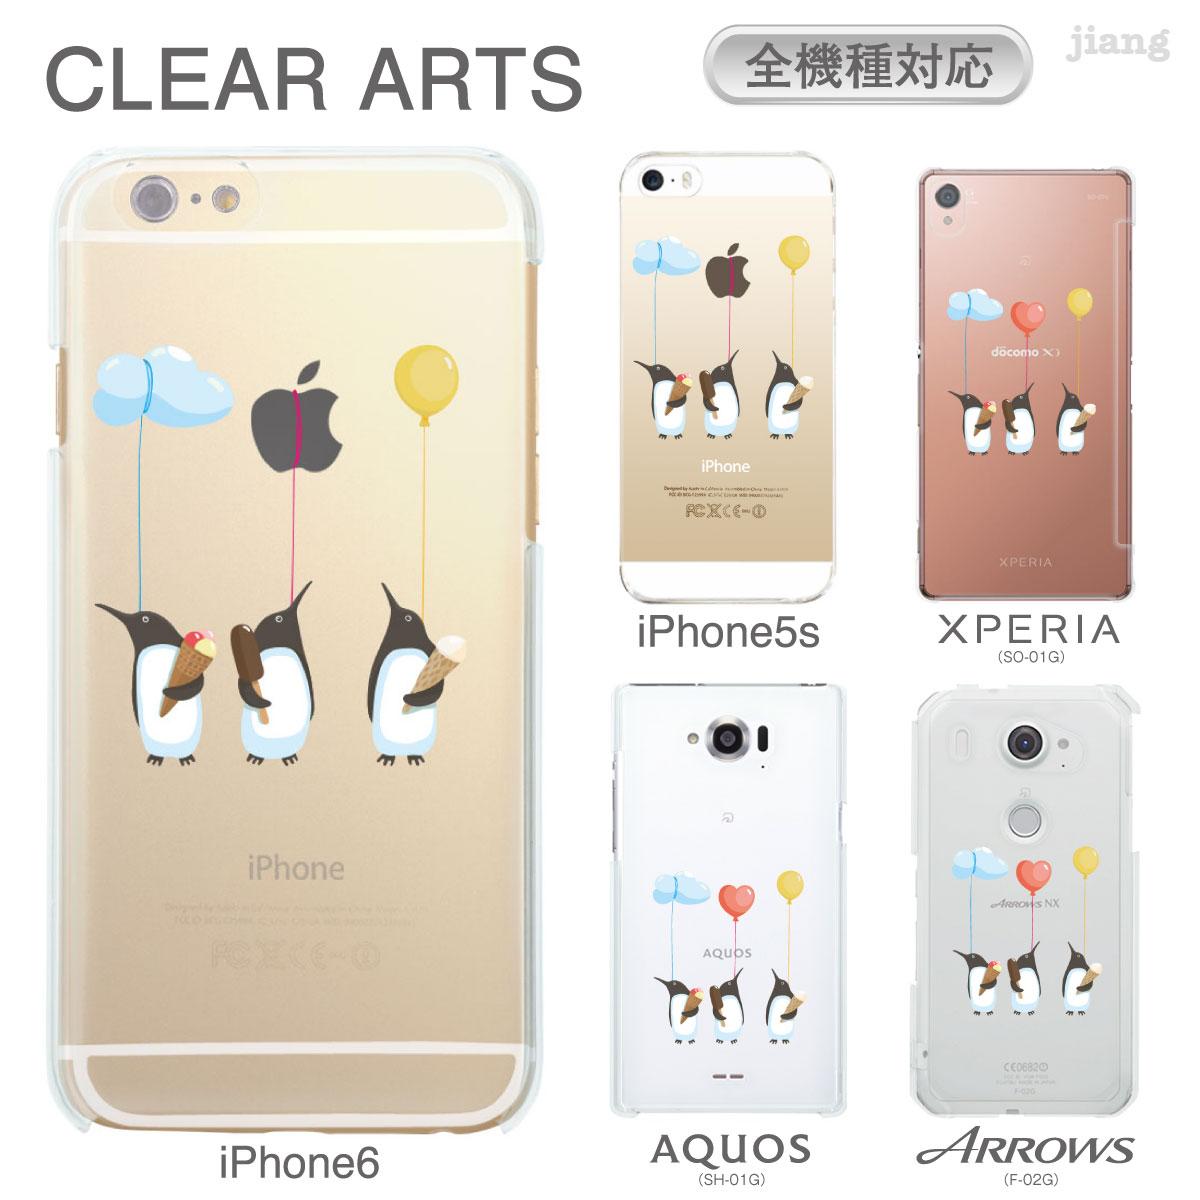 スマホケース 全機種対応 カバー ハードケース クリアケース iphone8 ケース iPhoneXS Max iPhoneXR iPhoneX iPhone8 Plus iPhone7 iPhone6s iPhone6 Plus iPhone SE 5s Xperia XZ2 XZ1 XZ XZs SO-05K SO-03K aquos R2 R SH-03K galaxy S9 S8 ペンギン 01-zen-ca0065